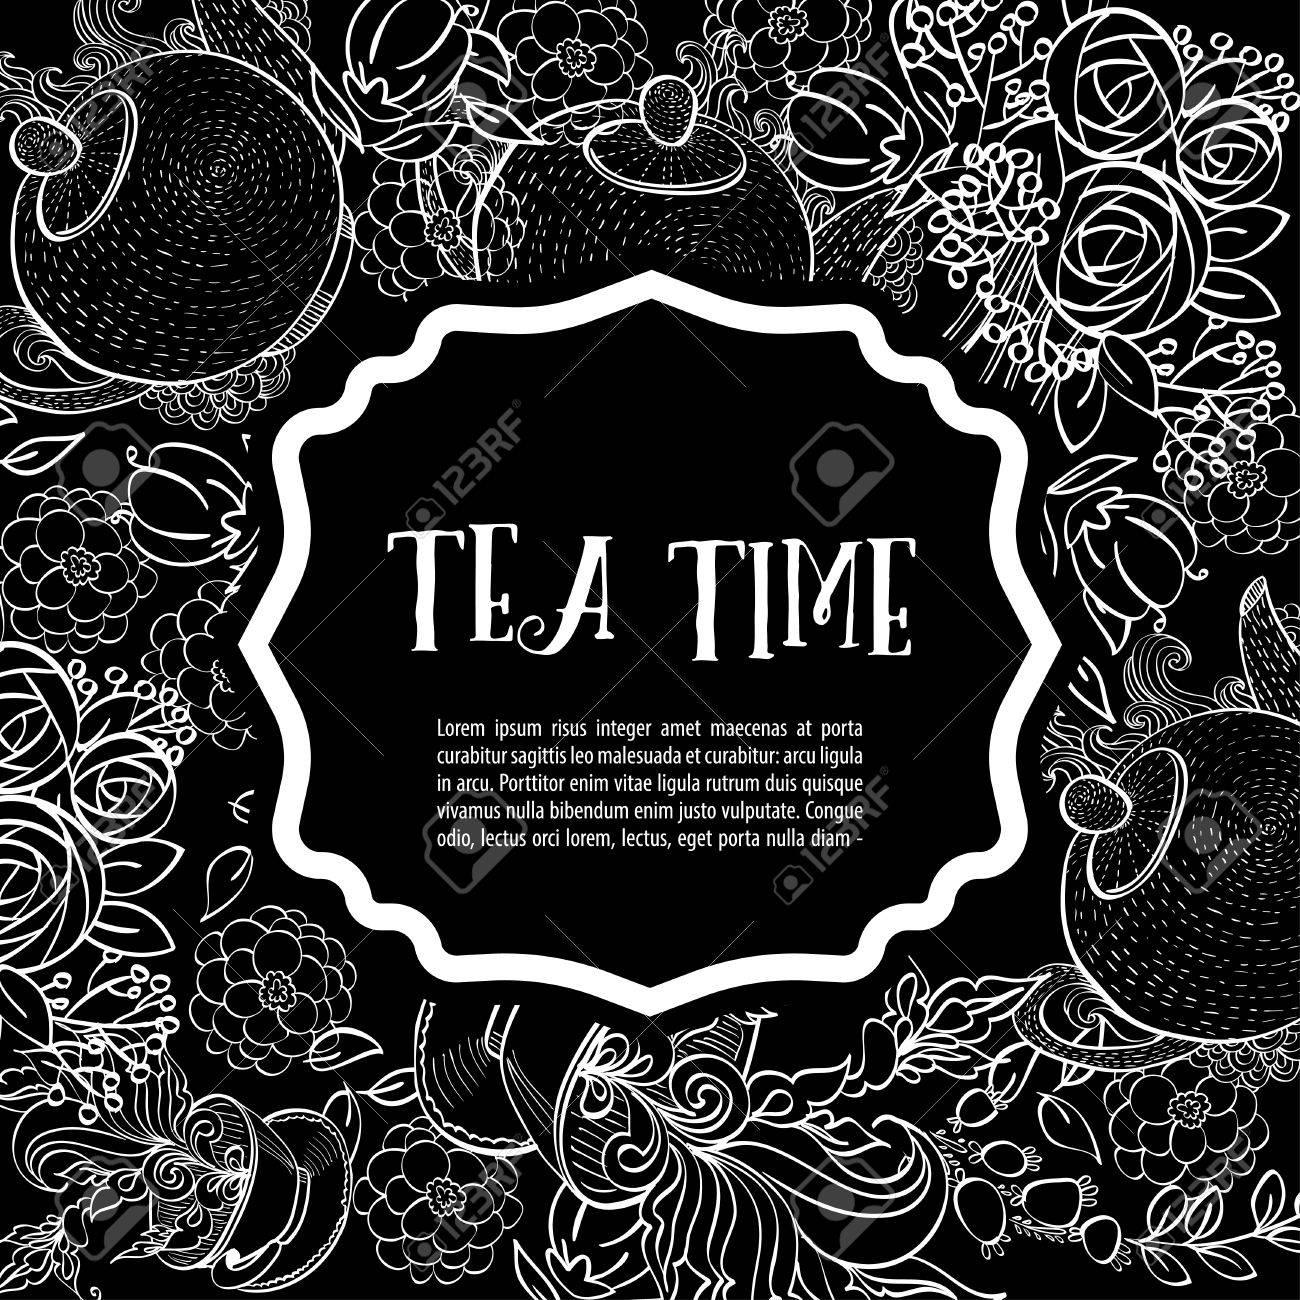 Es Hora De Tomar El Té La Moda Cuadrado Tarjeta Blanca Invitación Del Partido Estilo De Dibujo A Mano